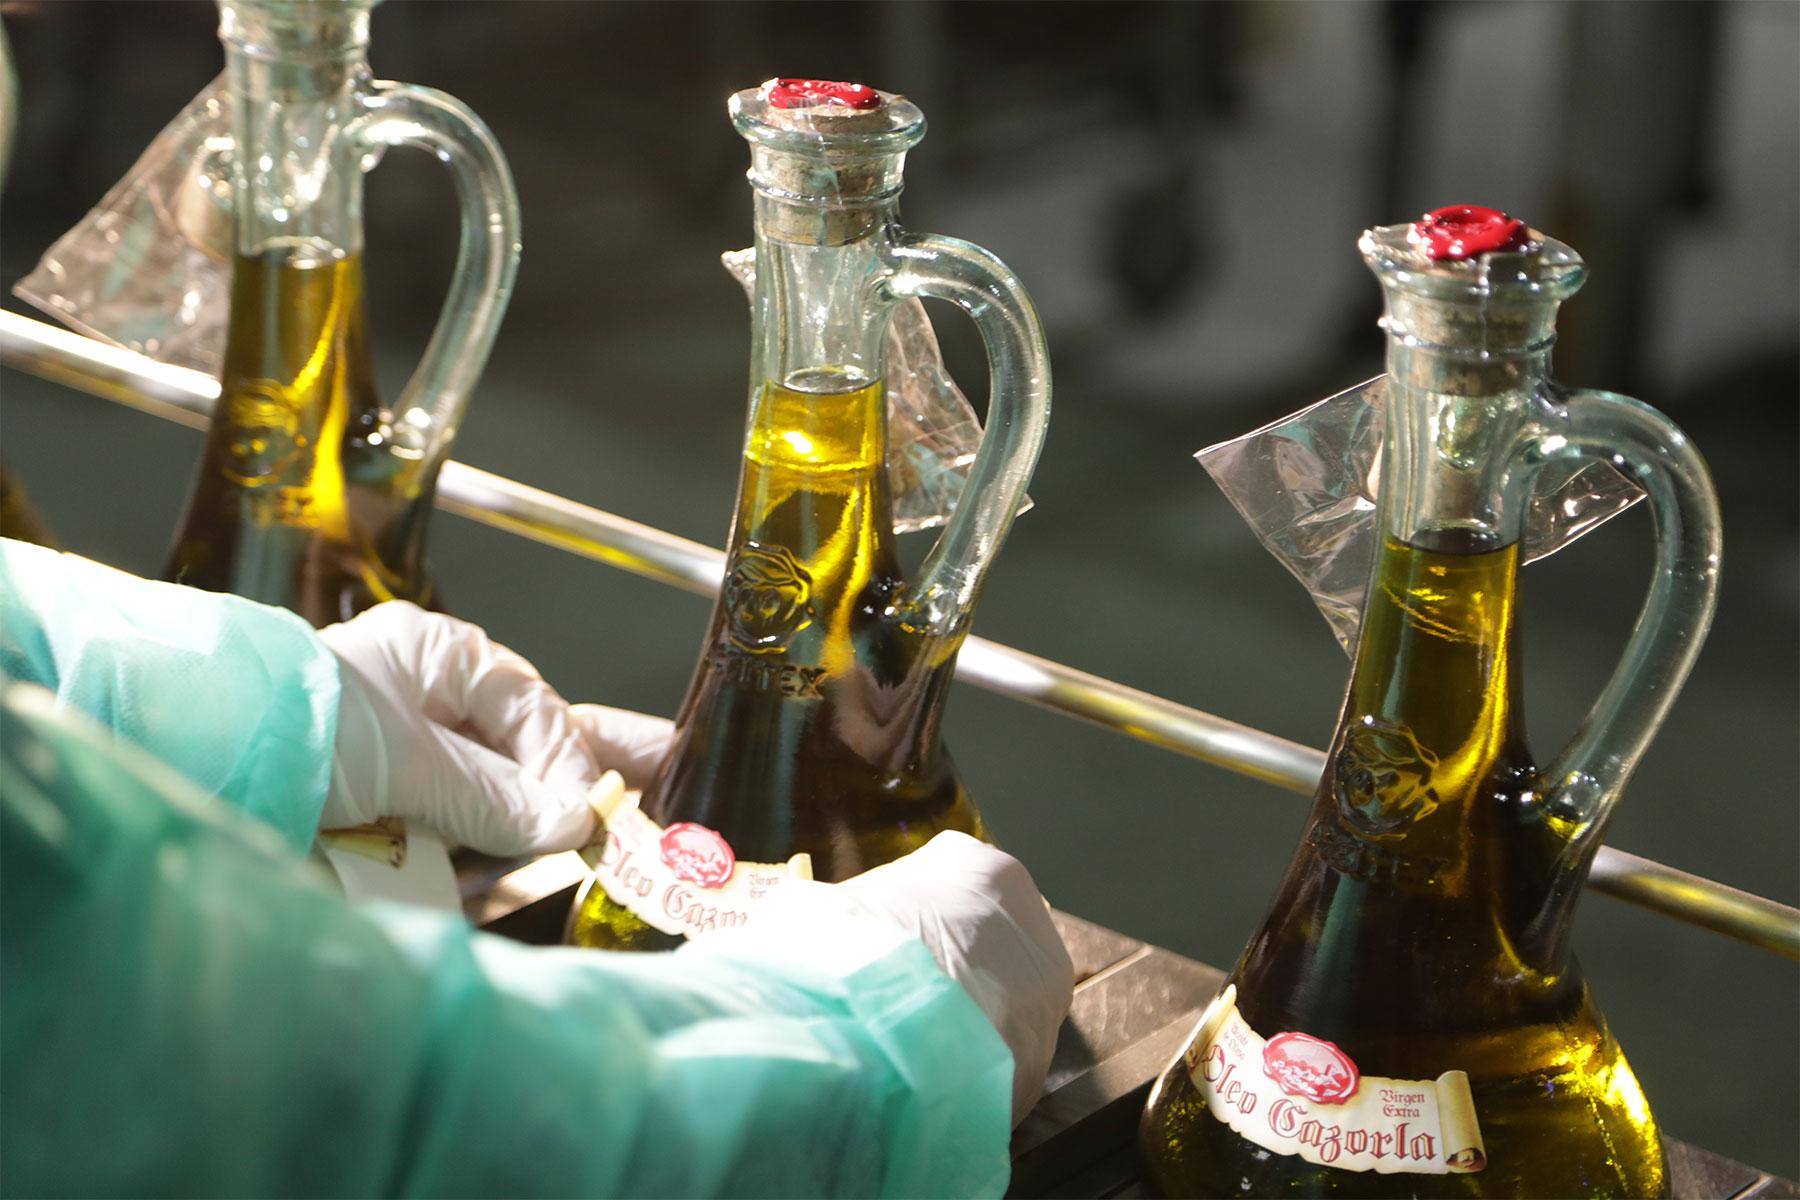 Aceite-de-oliva-virgen-extra---Aceitex---embotellado3